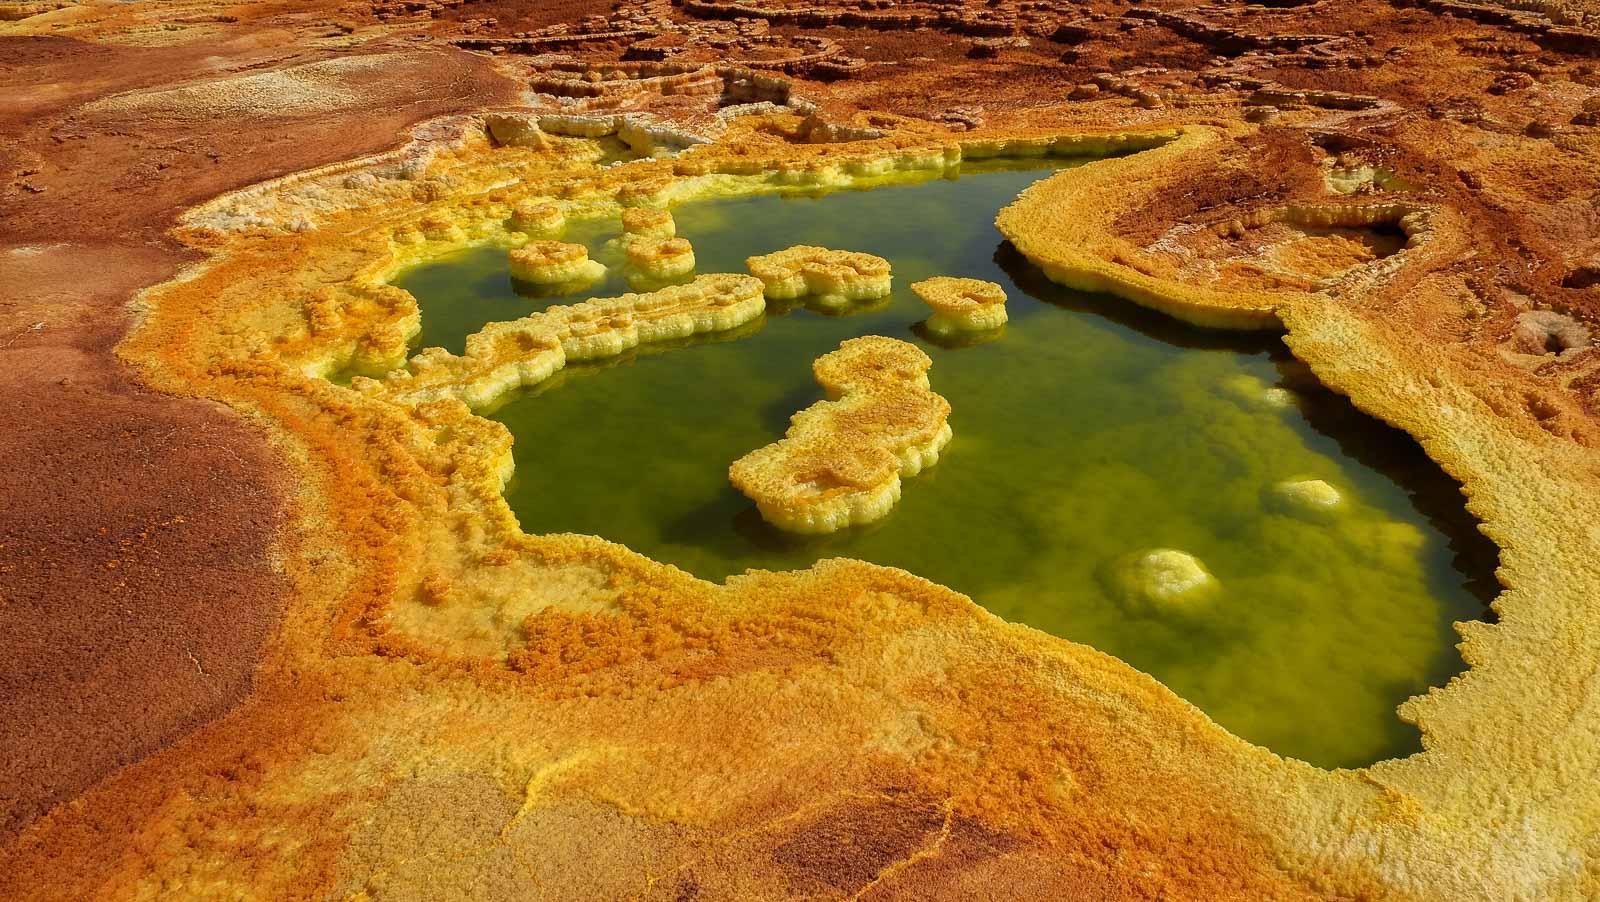 Les couleurs du sel, Danakil, Ethiopie 39